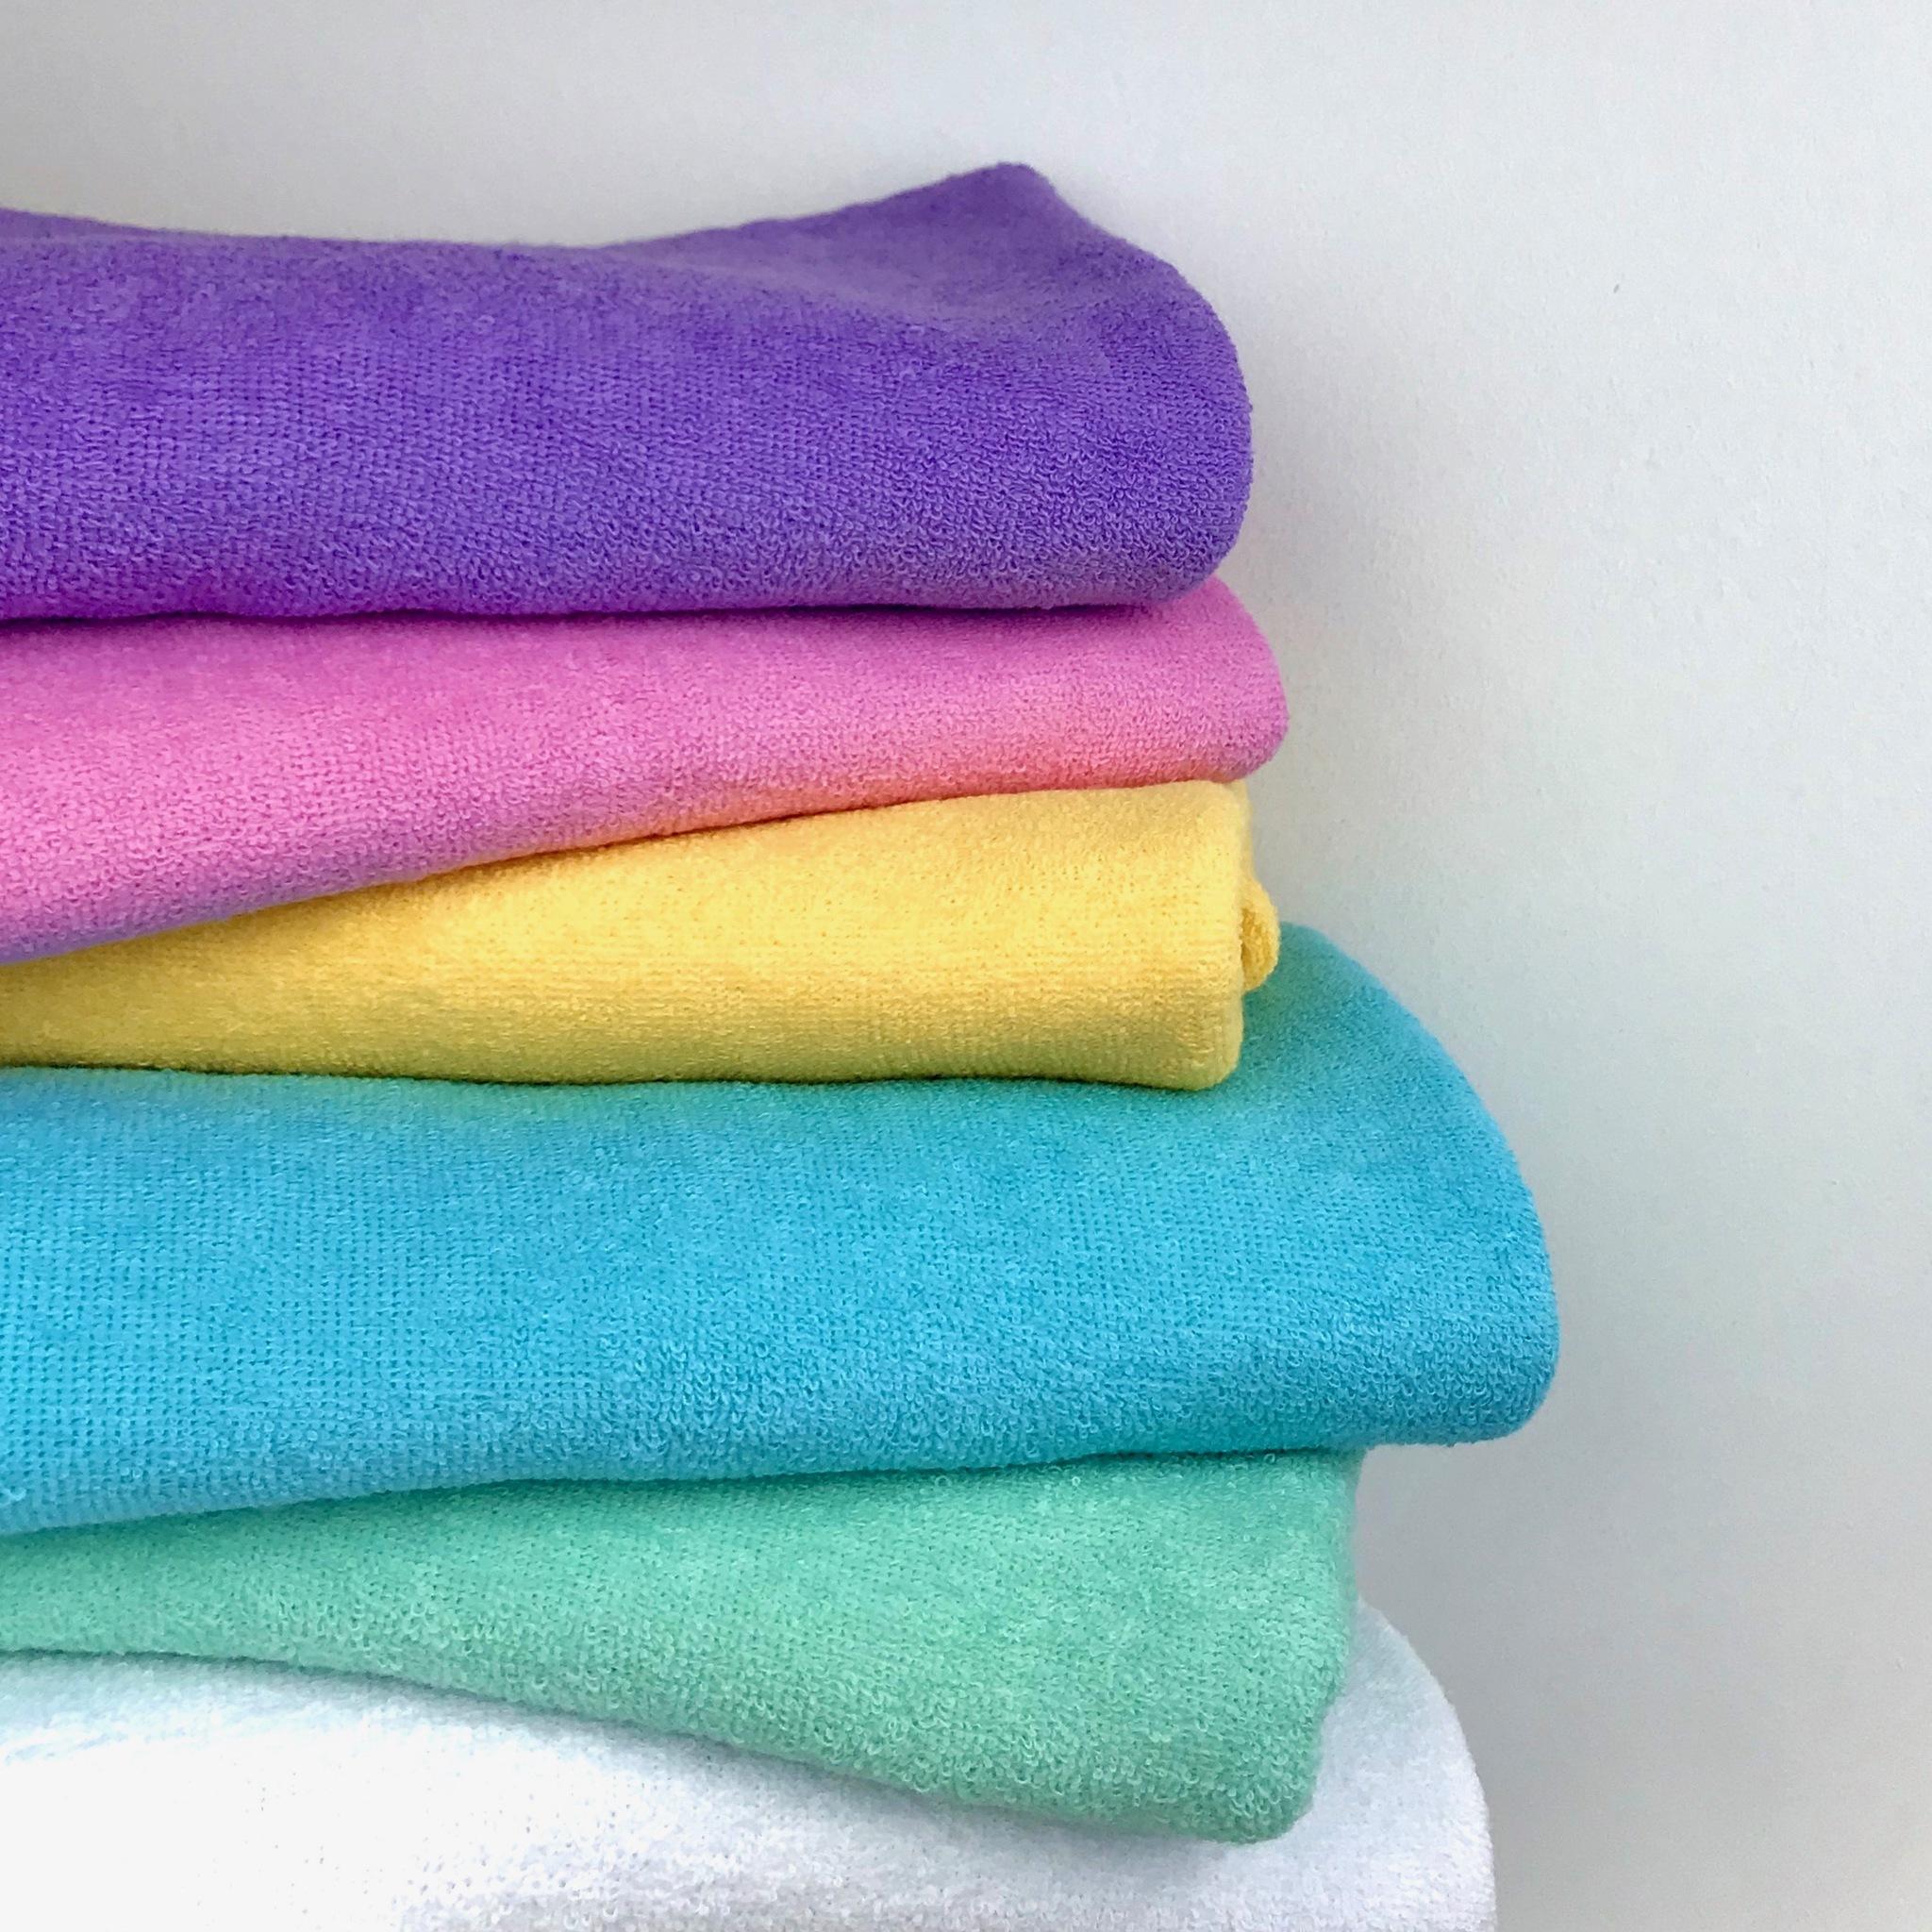 Махровое постельное бельё - плюсы и минусы